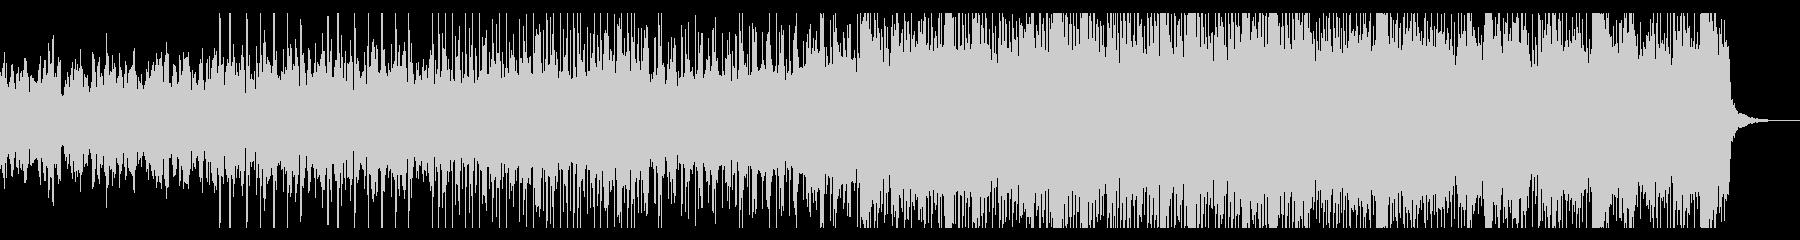 ゆっくりと忍び寄るアンビエントIDMの未再生の波形